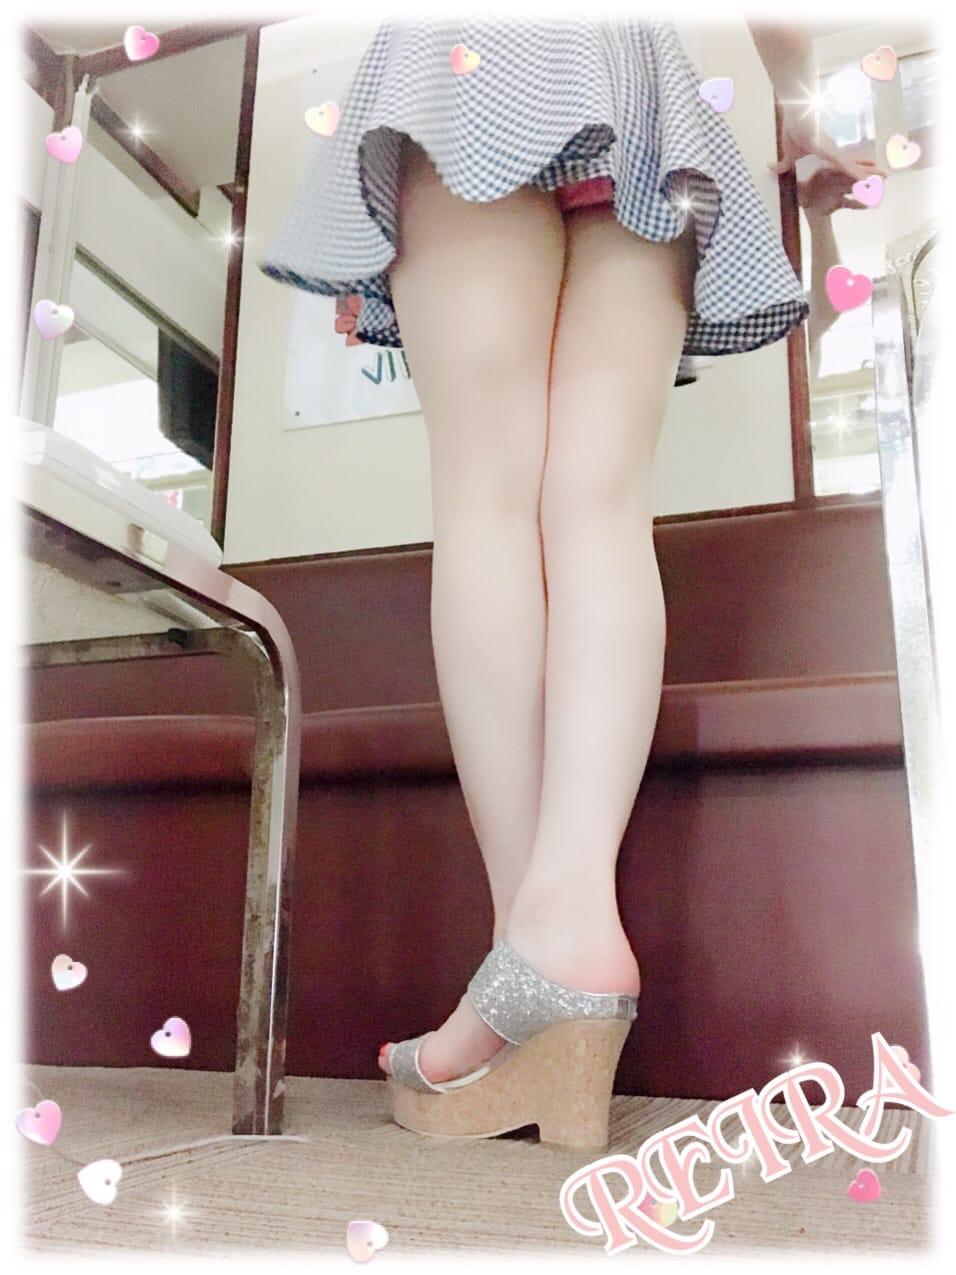 「レイラ♡」04/23(月) 19:10 | レイラの写メ・風俗動画